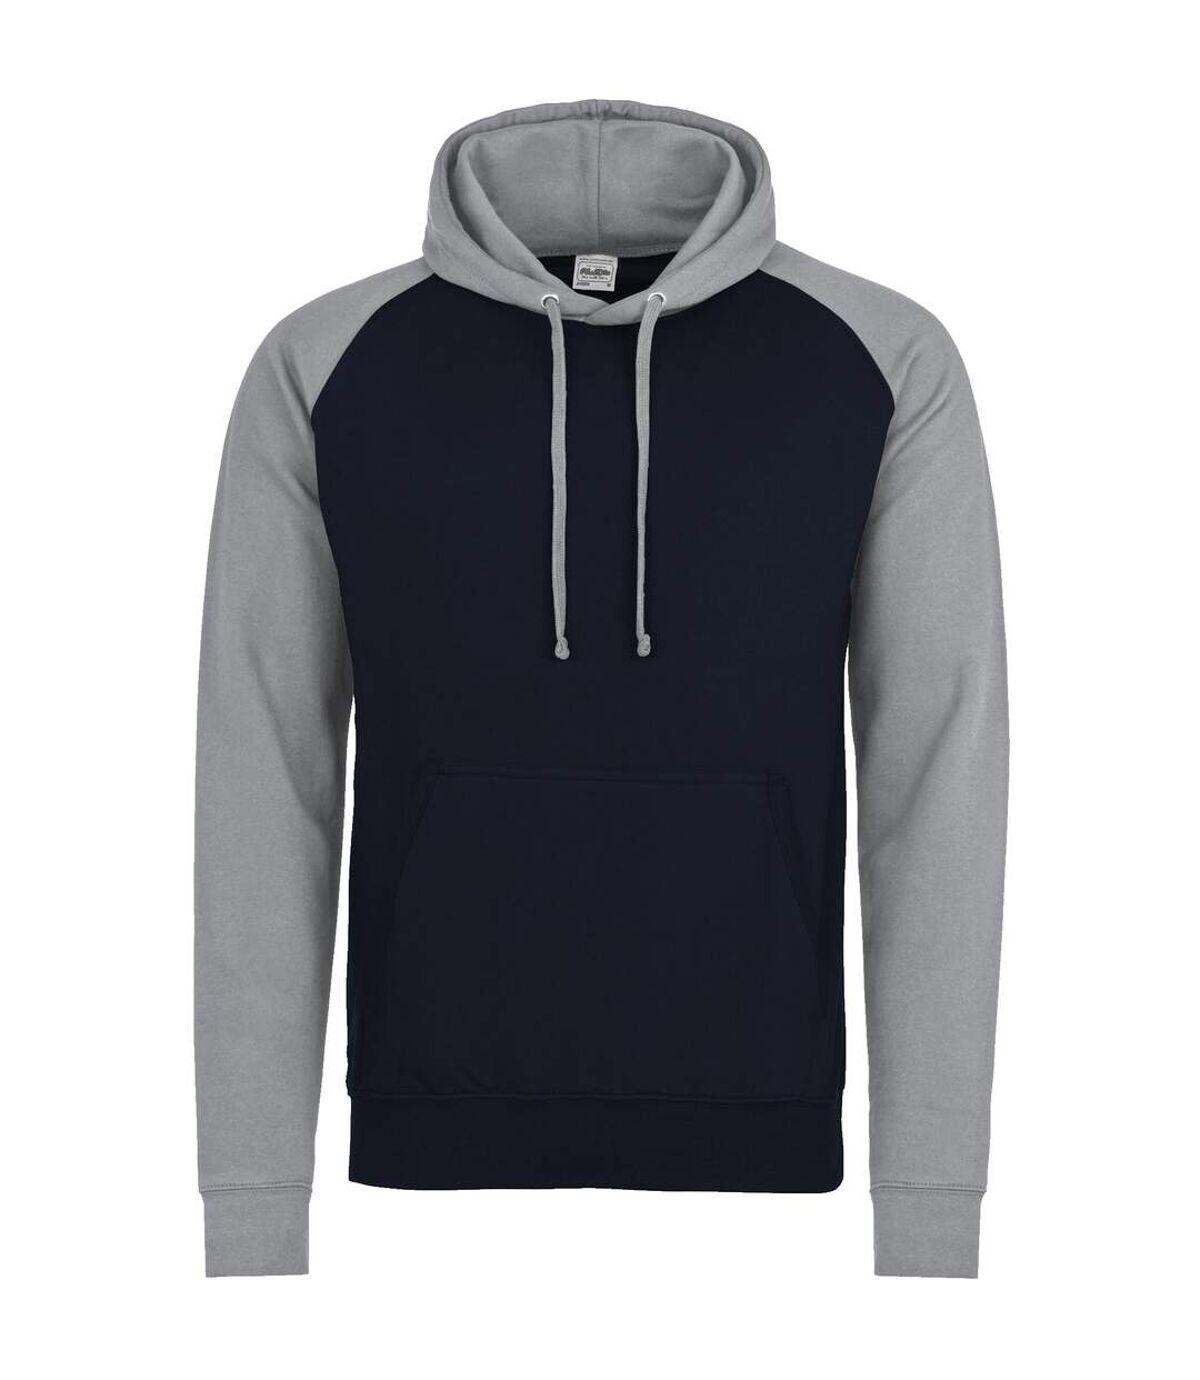 Awdis Just Hoods Adults Unisex Two Tone Hooded Baseball Sweatshirt/Hoodie (Oxford Navy/Heather Grey) - UTRW3928